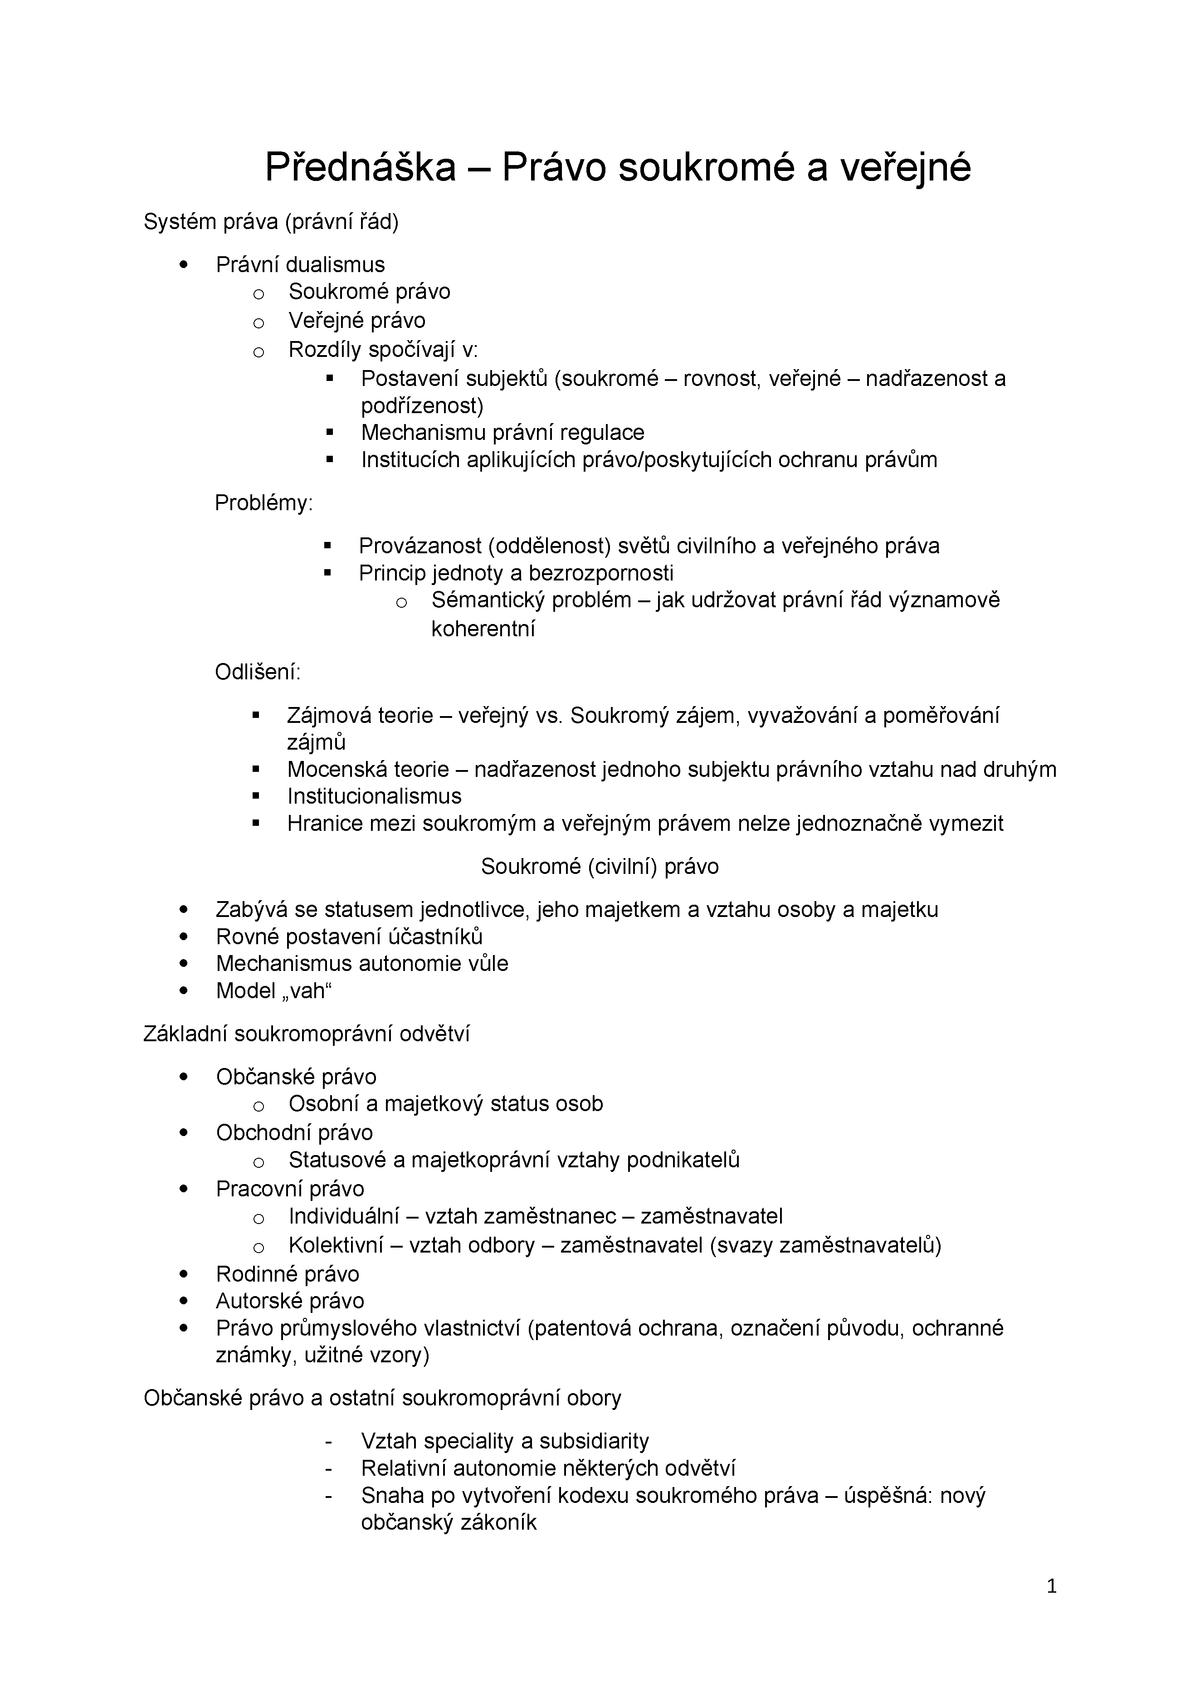 seznamky sportovních týmů